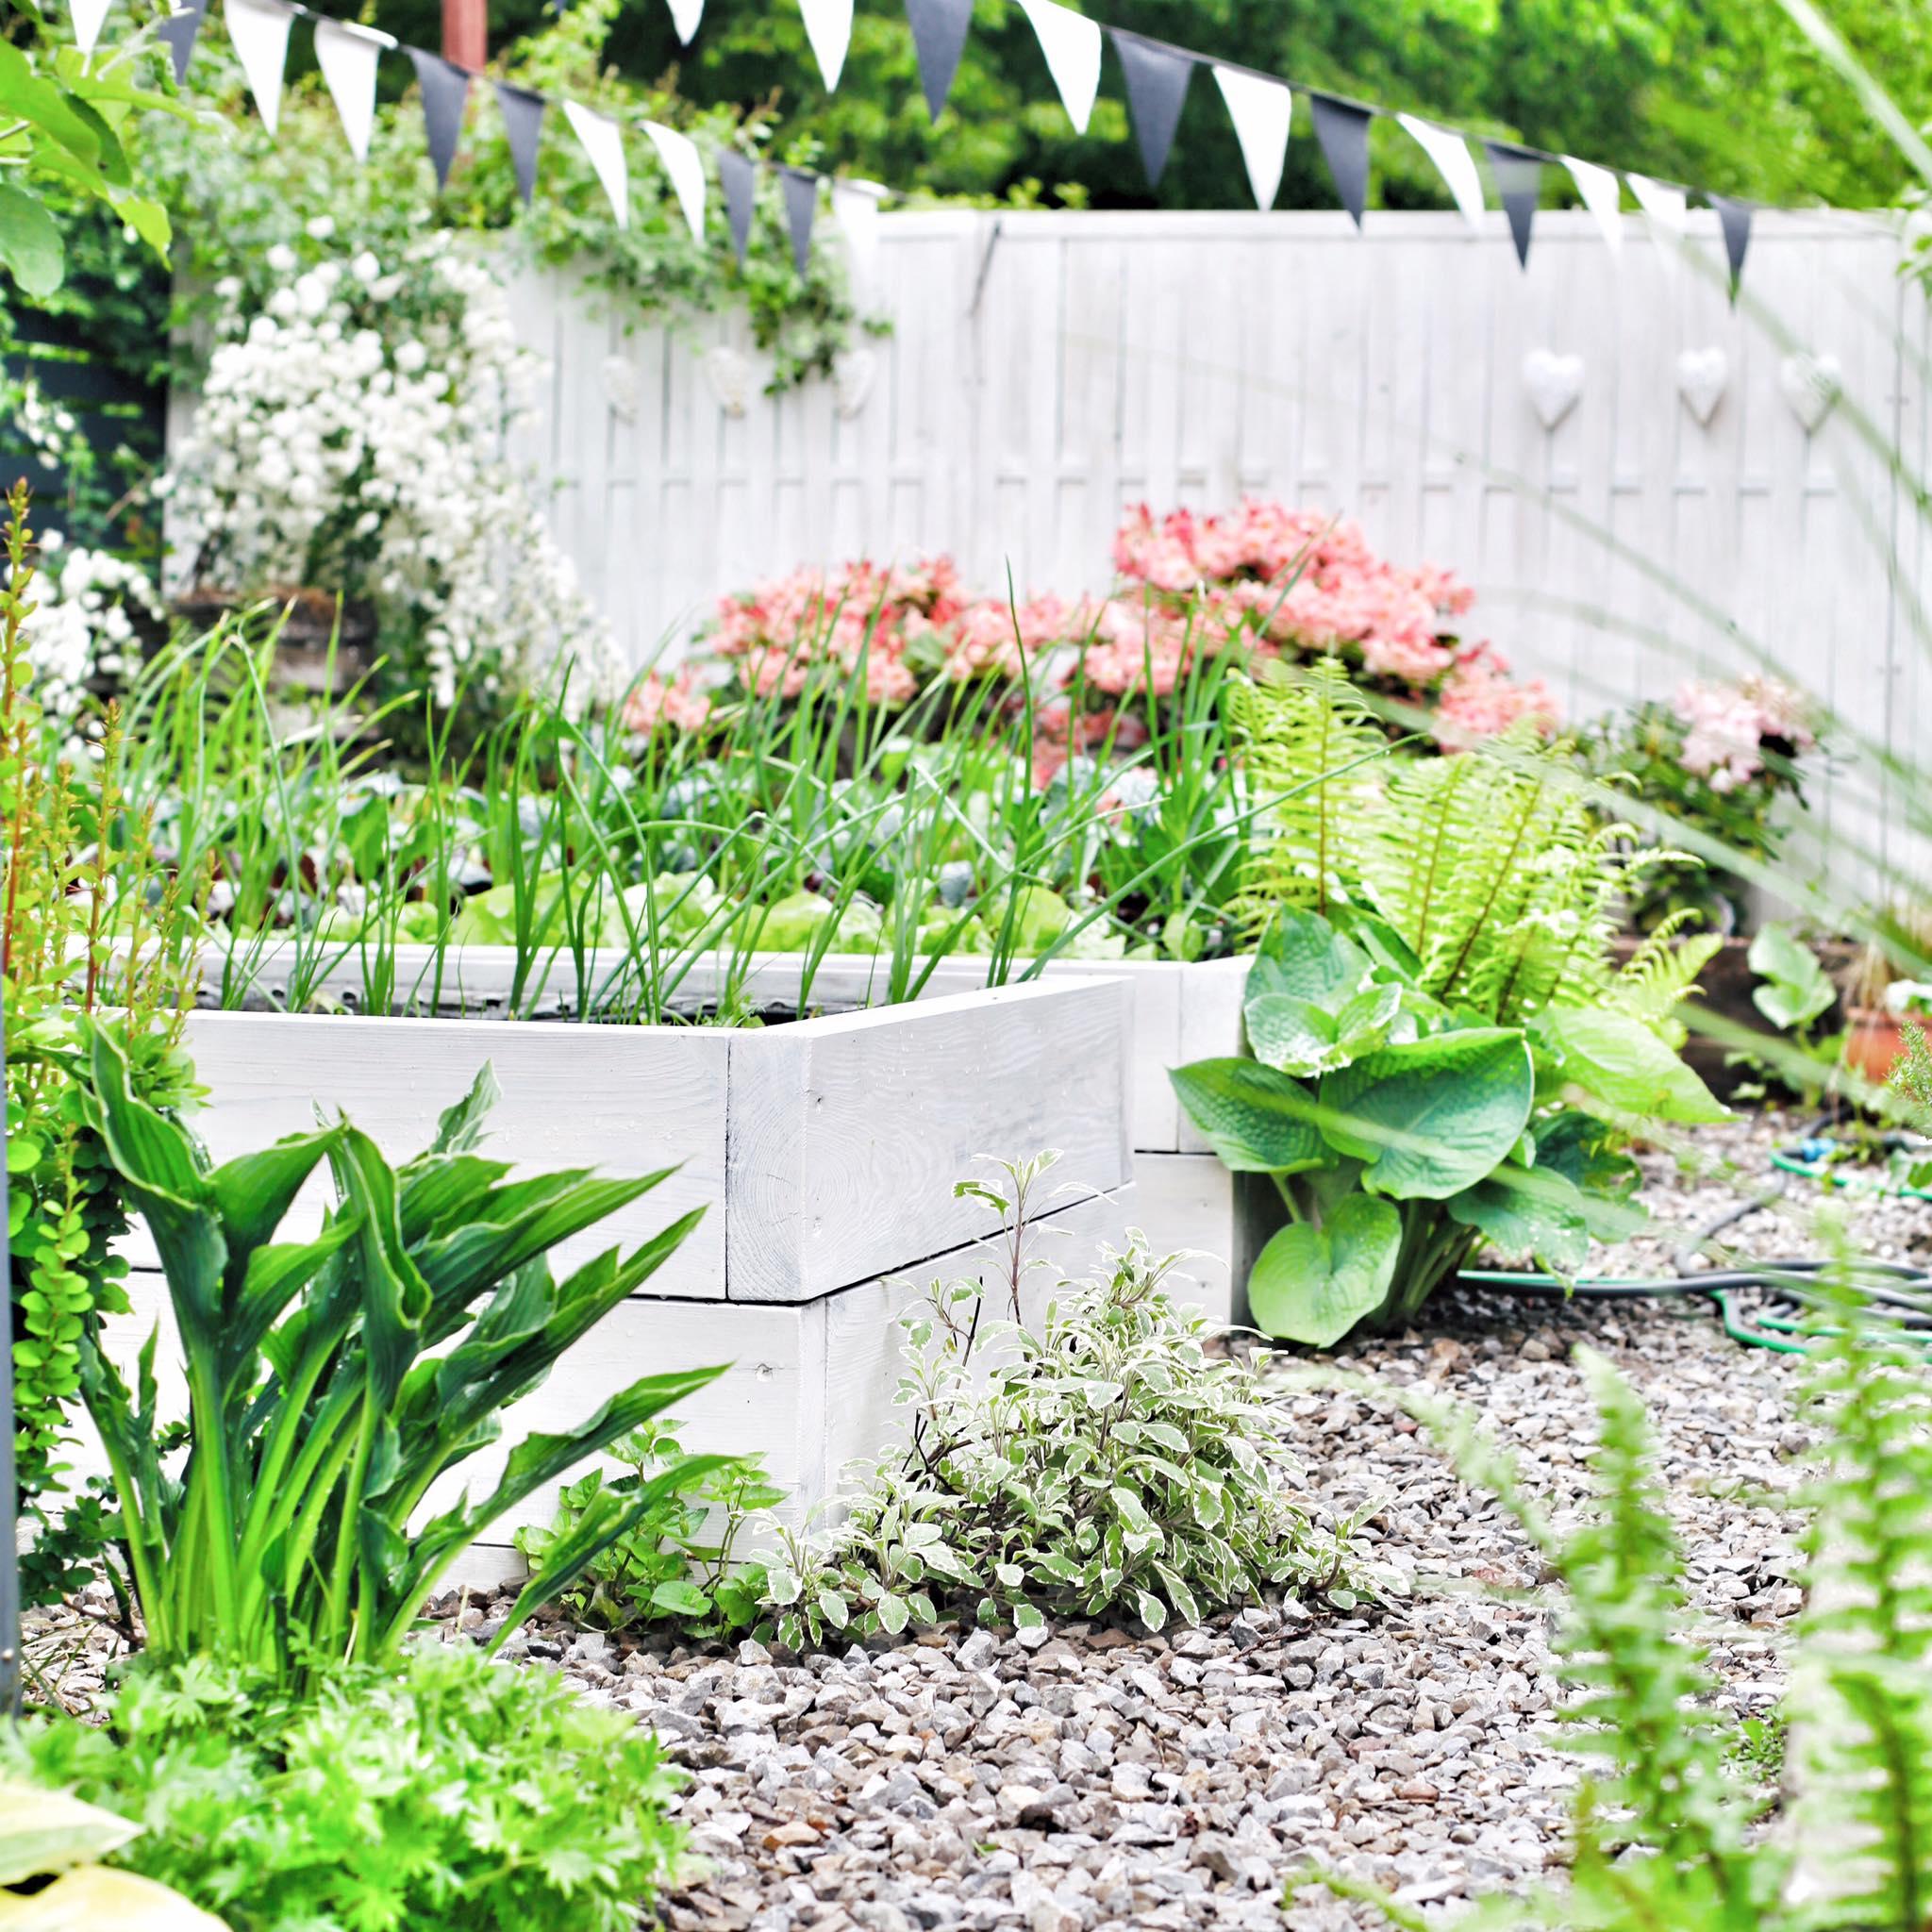 Người phụ nữ quyết không bỏ phí tuổi thanh xuân bằng cách tạo khu vườn quanh năm xanh mát - Ảnh 7.